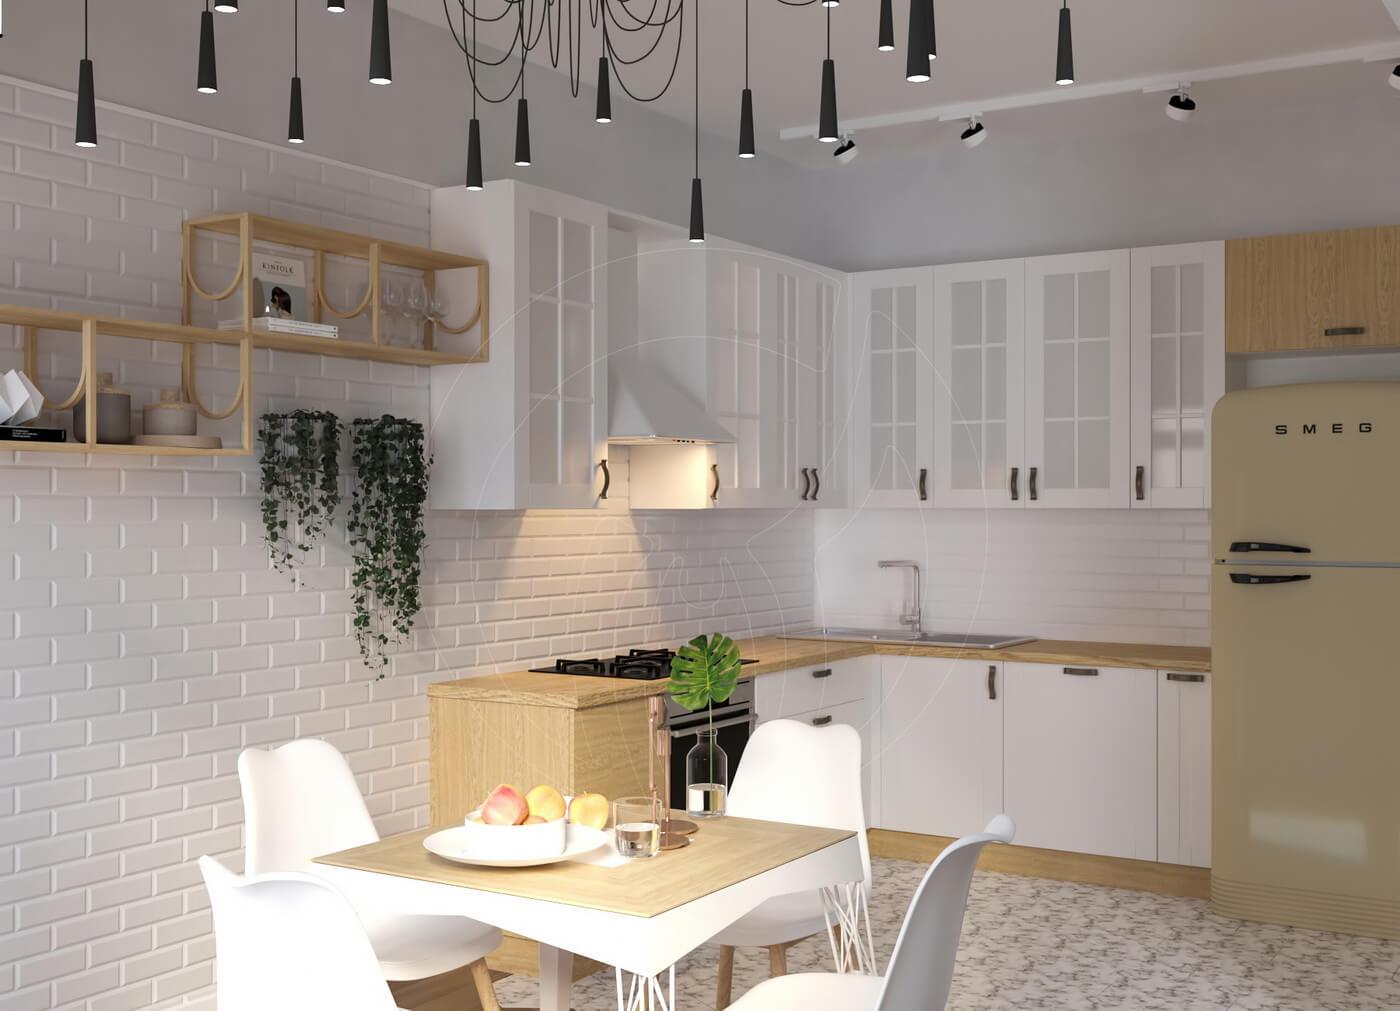 Квартира в скандинавском стиле и стиле LOFT. Кухня, бытовая техника SMEG